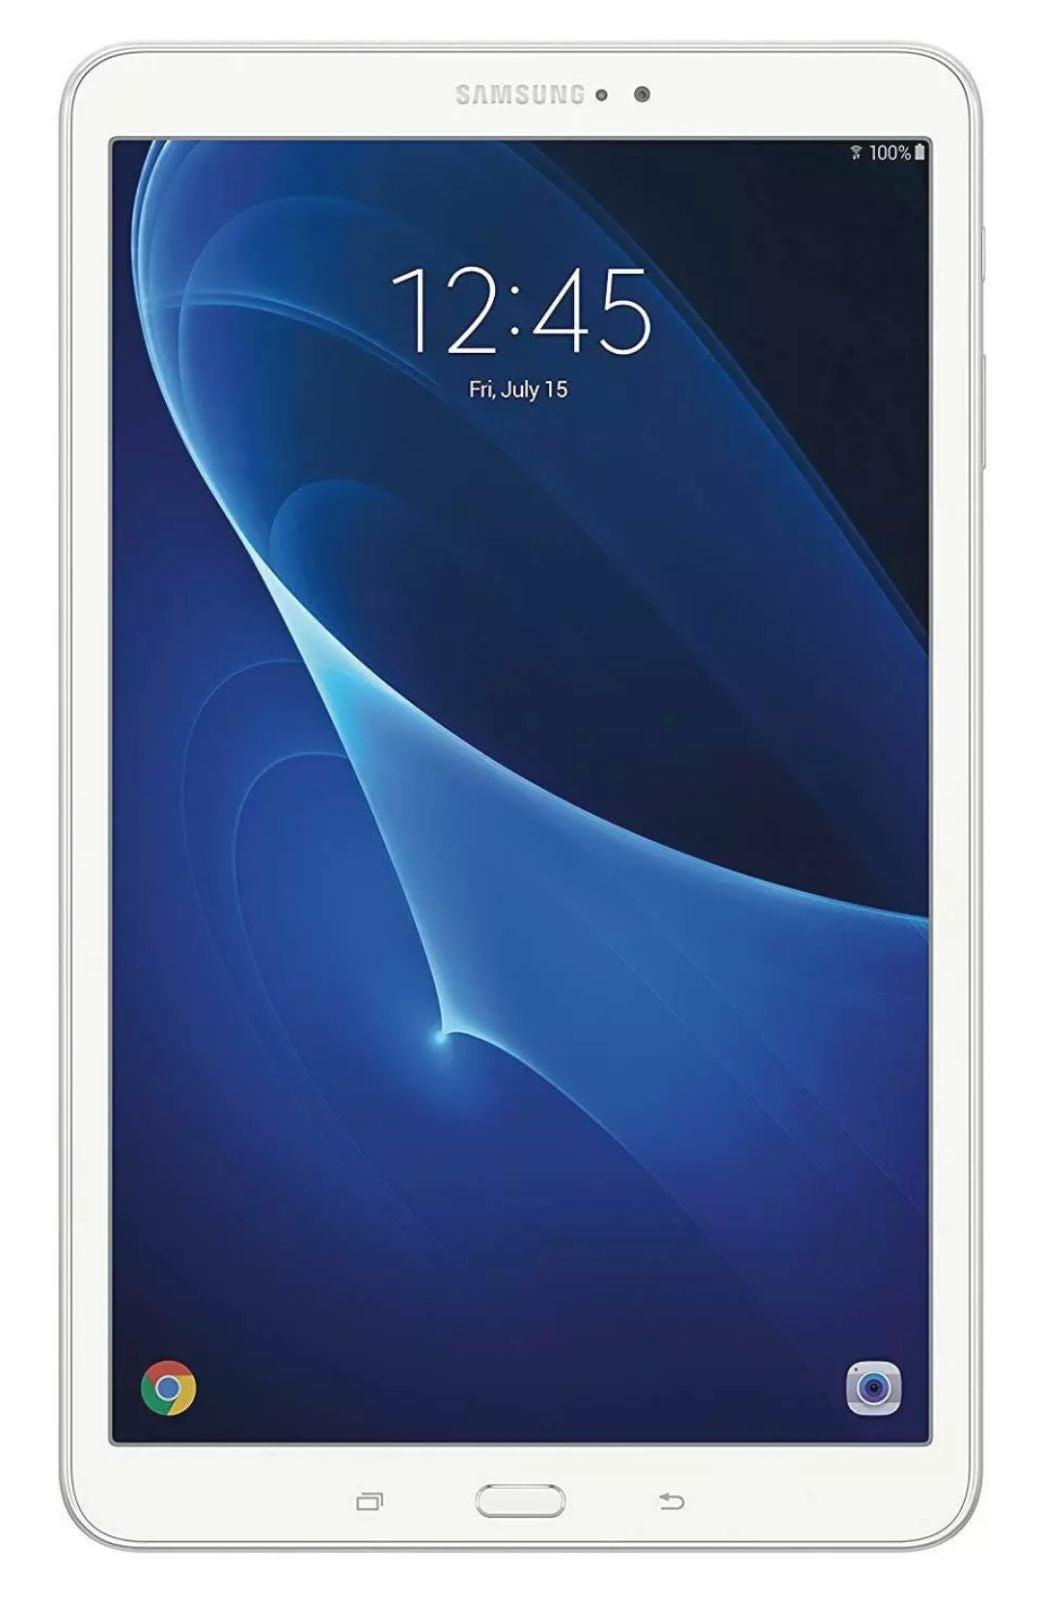 Samsung Galaxy Tab A 16GB in White 10.1i